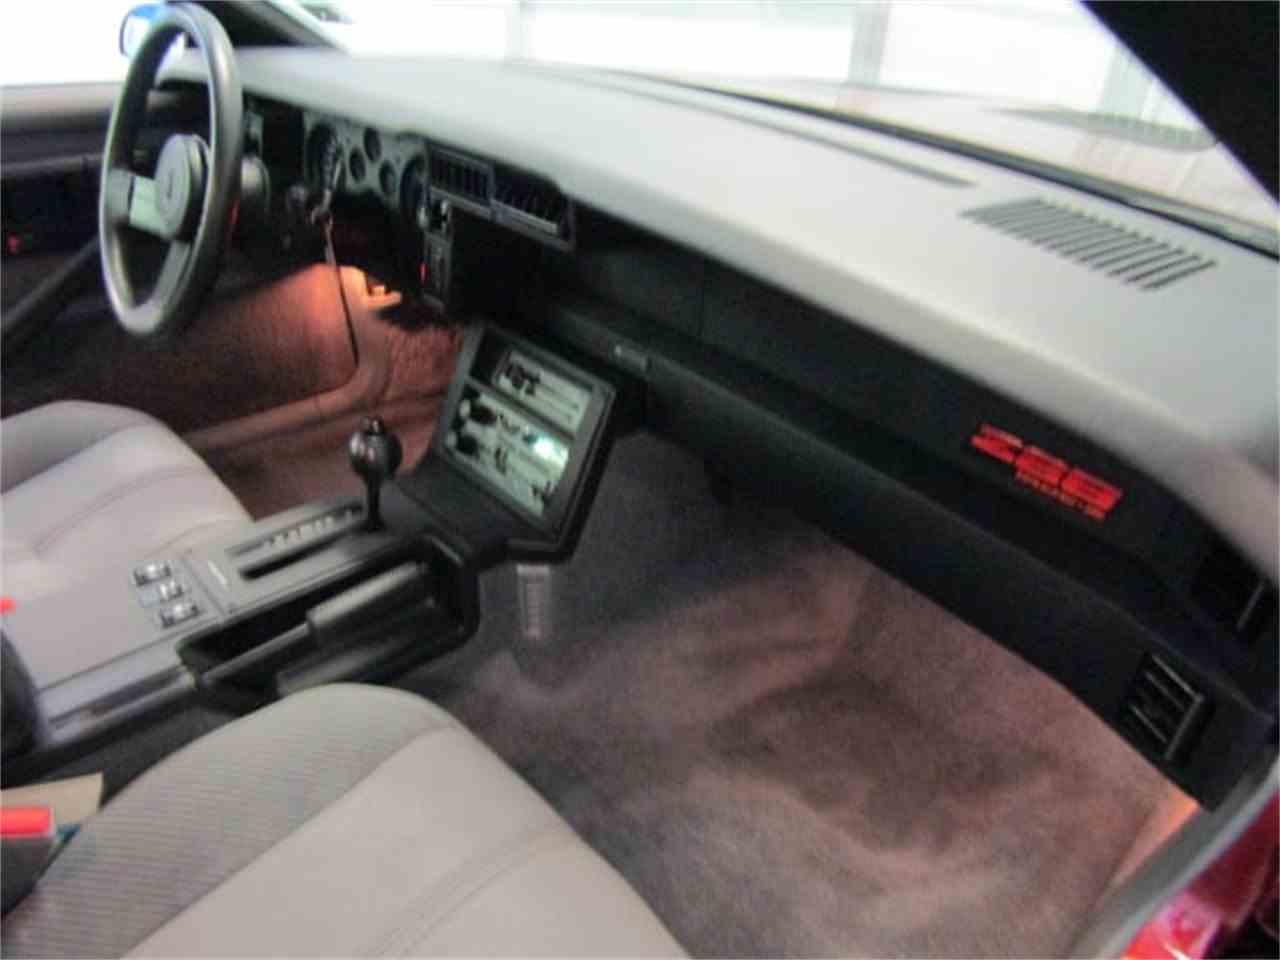 Large Picture of '86 Chevrolet Camaro located in Virginia - $24,900.00 - JLAE